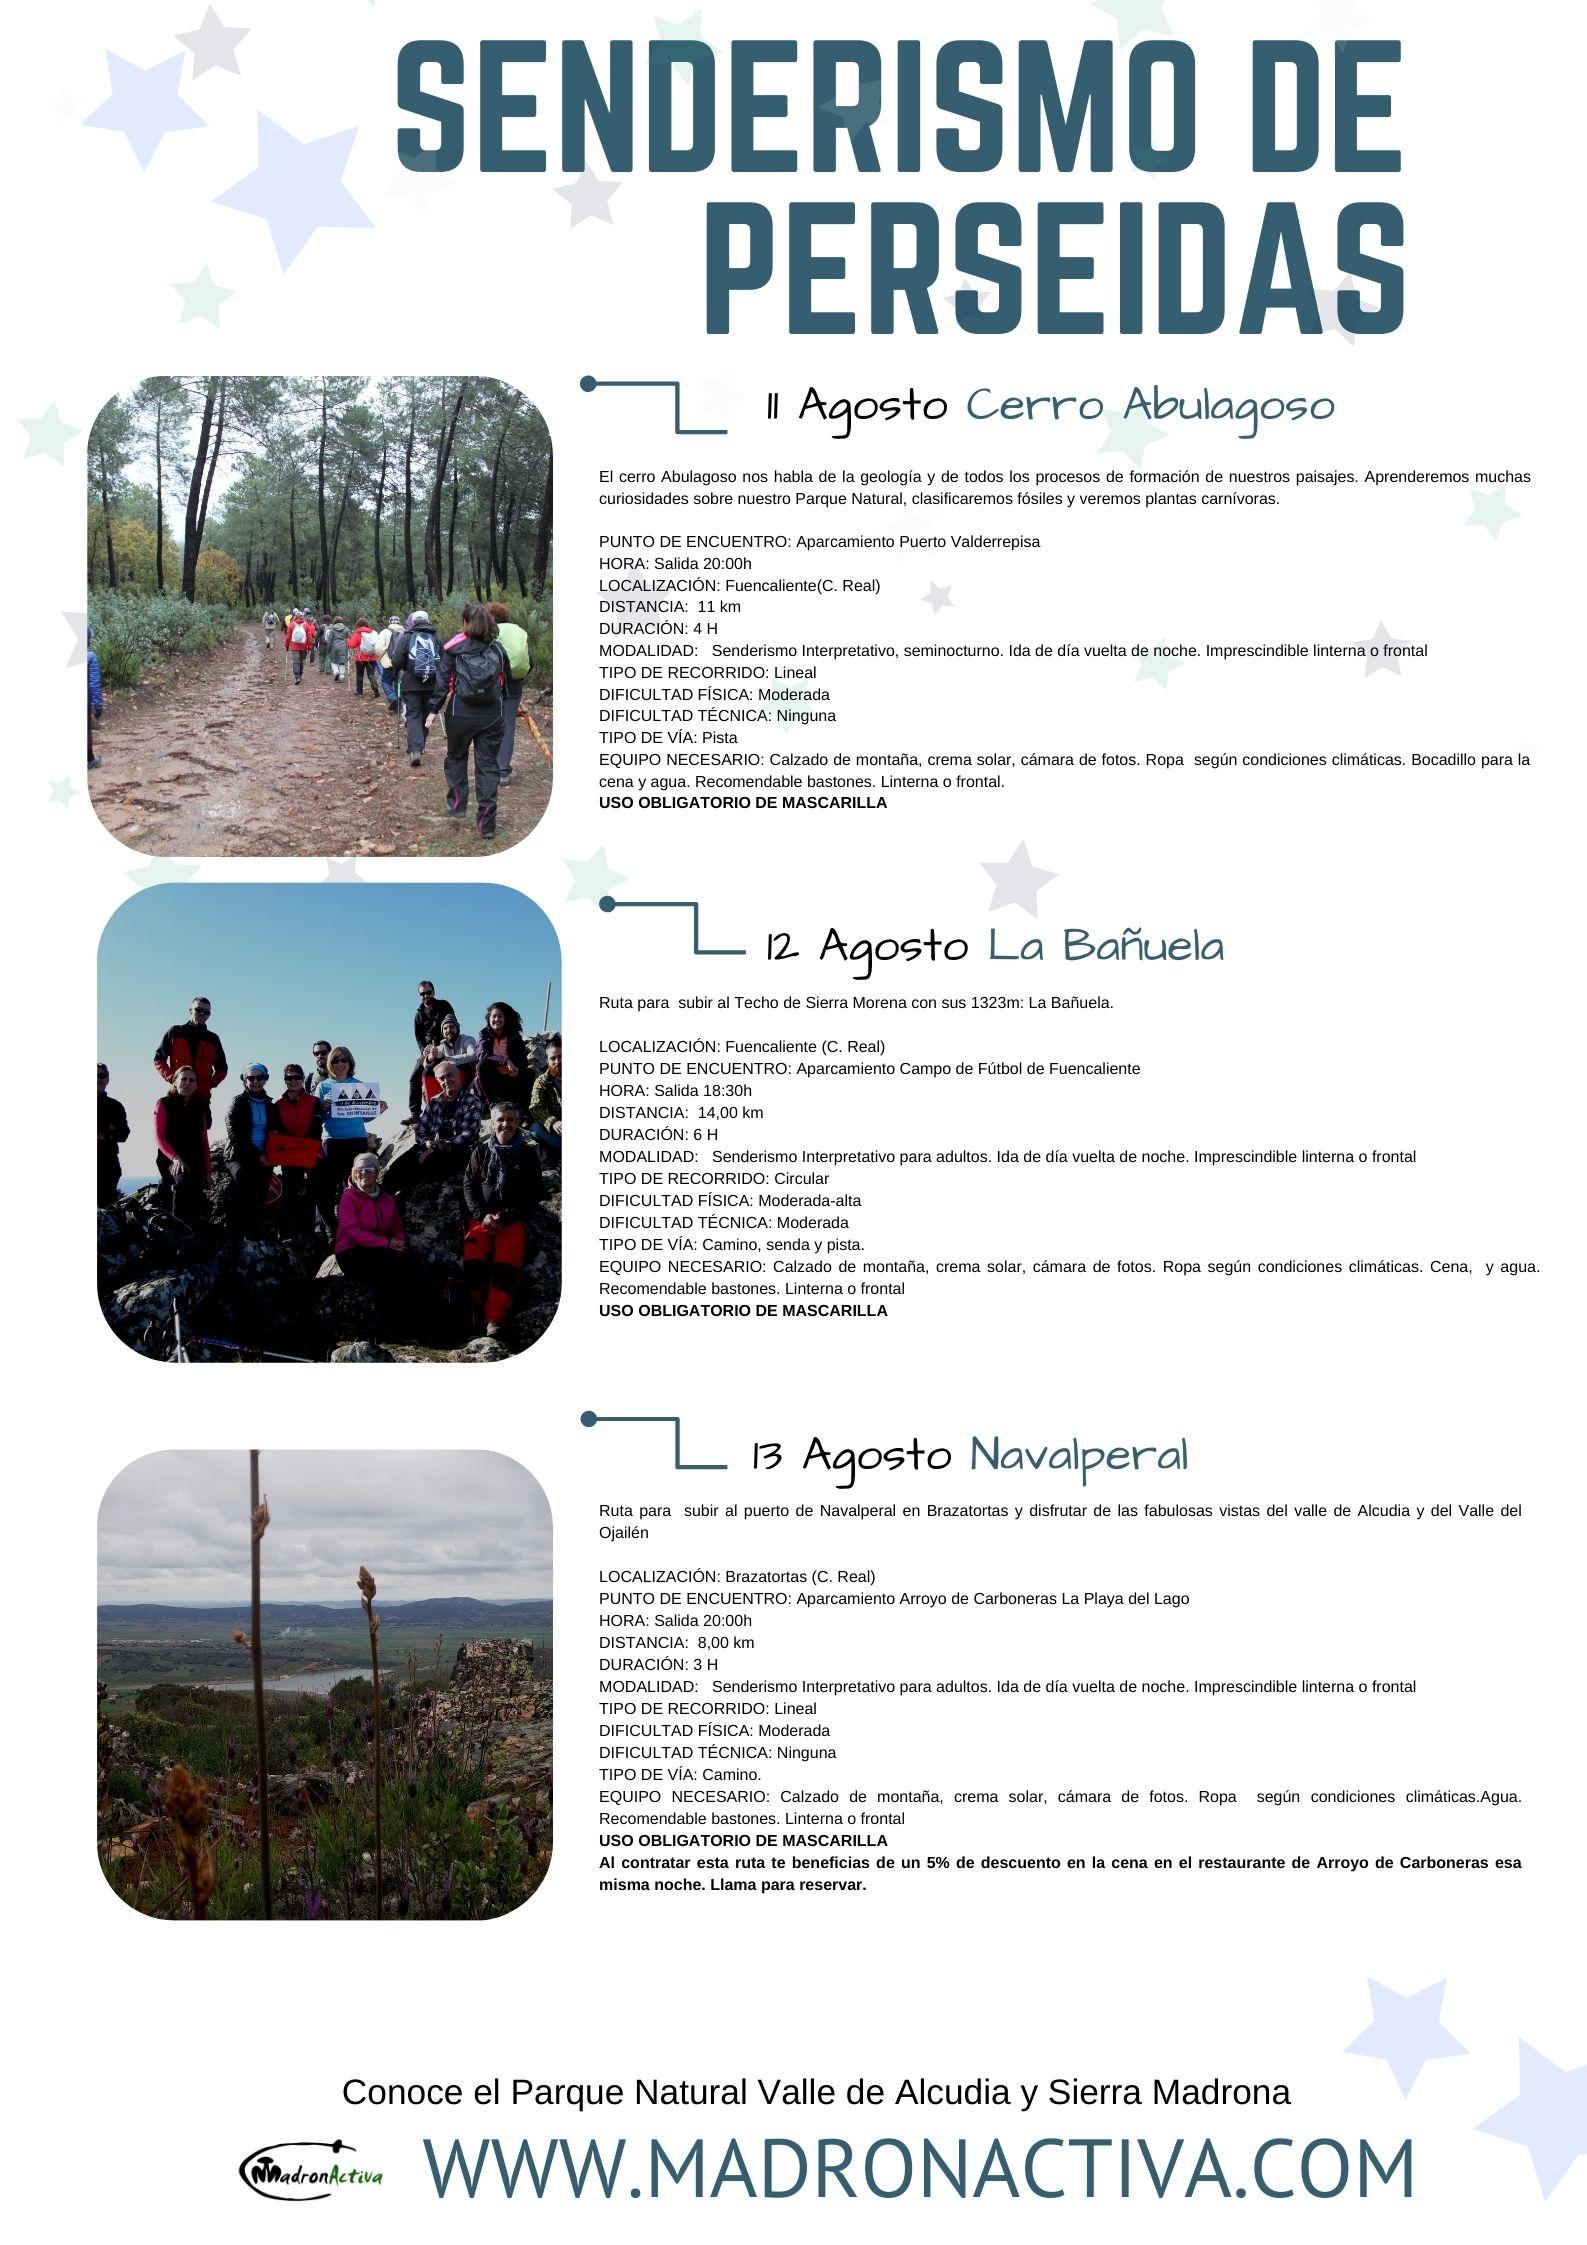 las 5 rutas imprescindiblesde Alcudia y madrona (1)